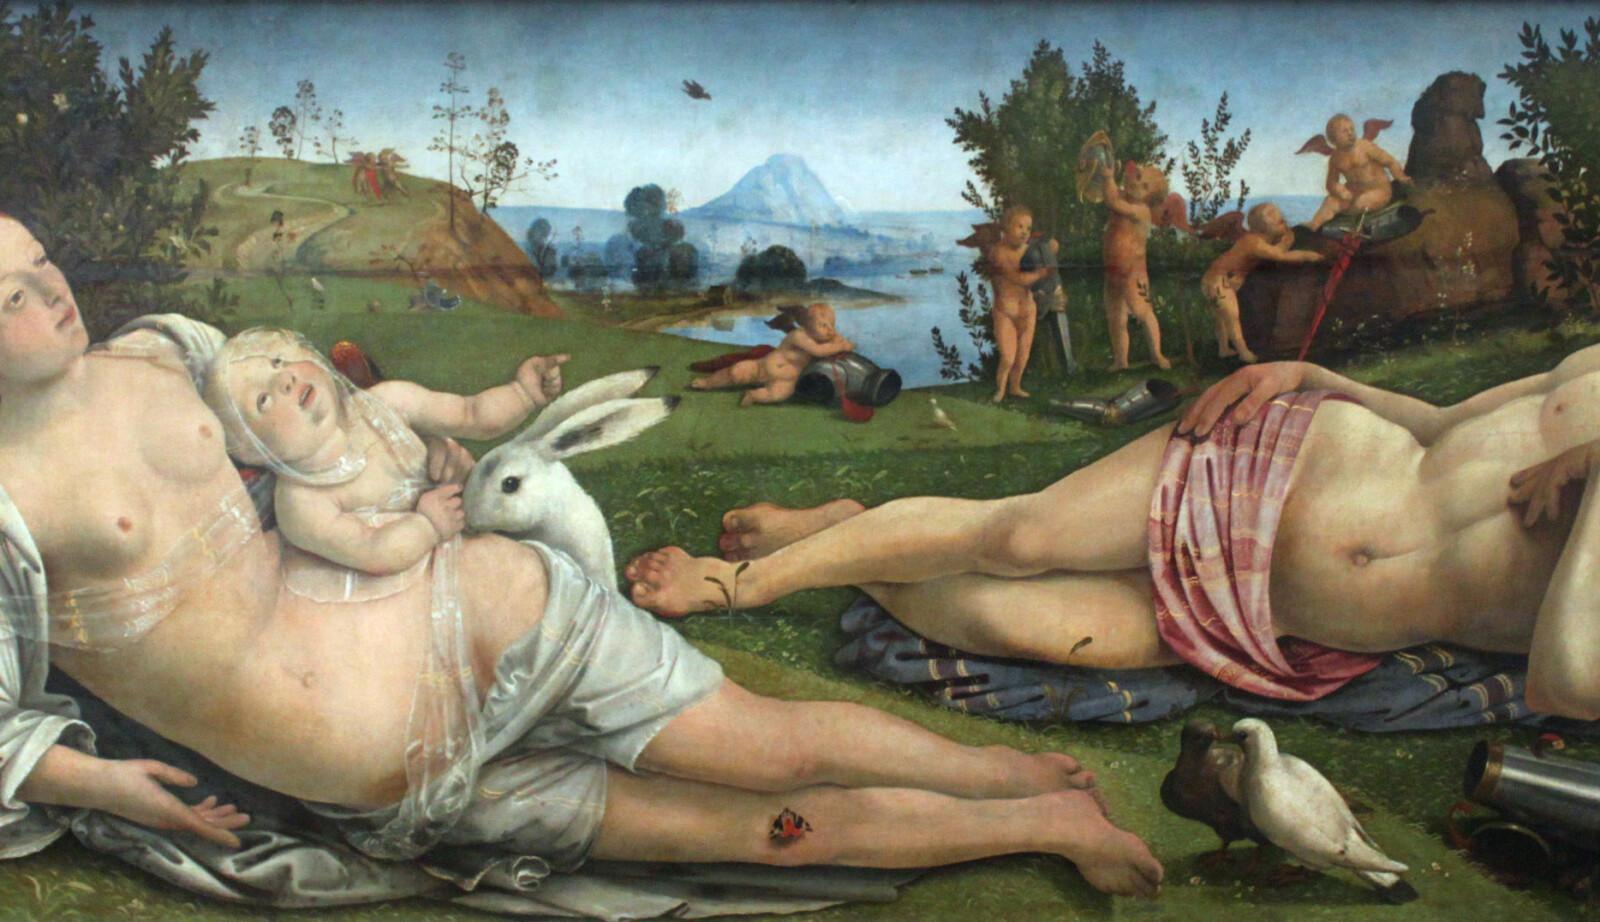 Piero di Cosimo sitt «Venus, Mars and Cupid» (1501) omhandler fruktbarhet og fødsel, symbolisert ved den hvite haren.